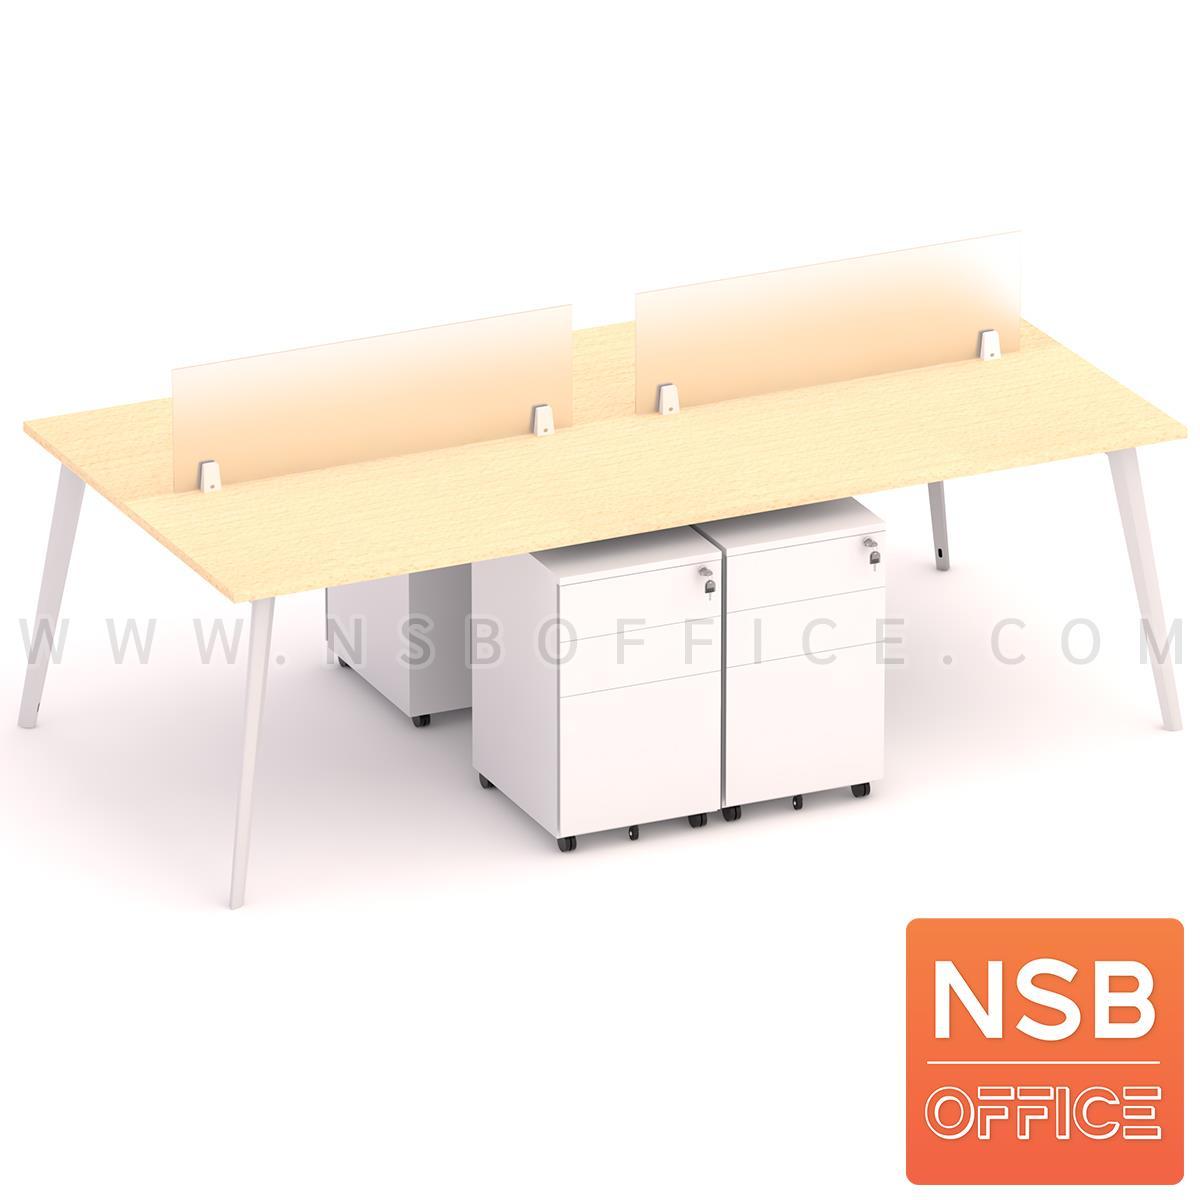 A31A006:ชุดโต๊ะทำงานกลุ่ม 4 ที่นั่ง  รุ่น Carbon (คาร์บอร์) ขนาด 240W*120D cm. พร้อมมินิสกรีนและตู้ลิ้นชักเหล็กล้อเลื่อน